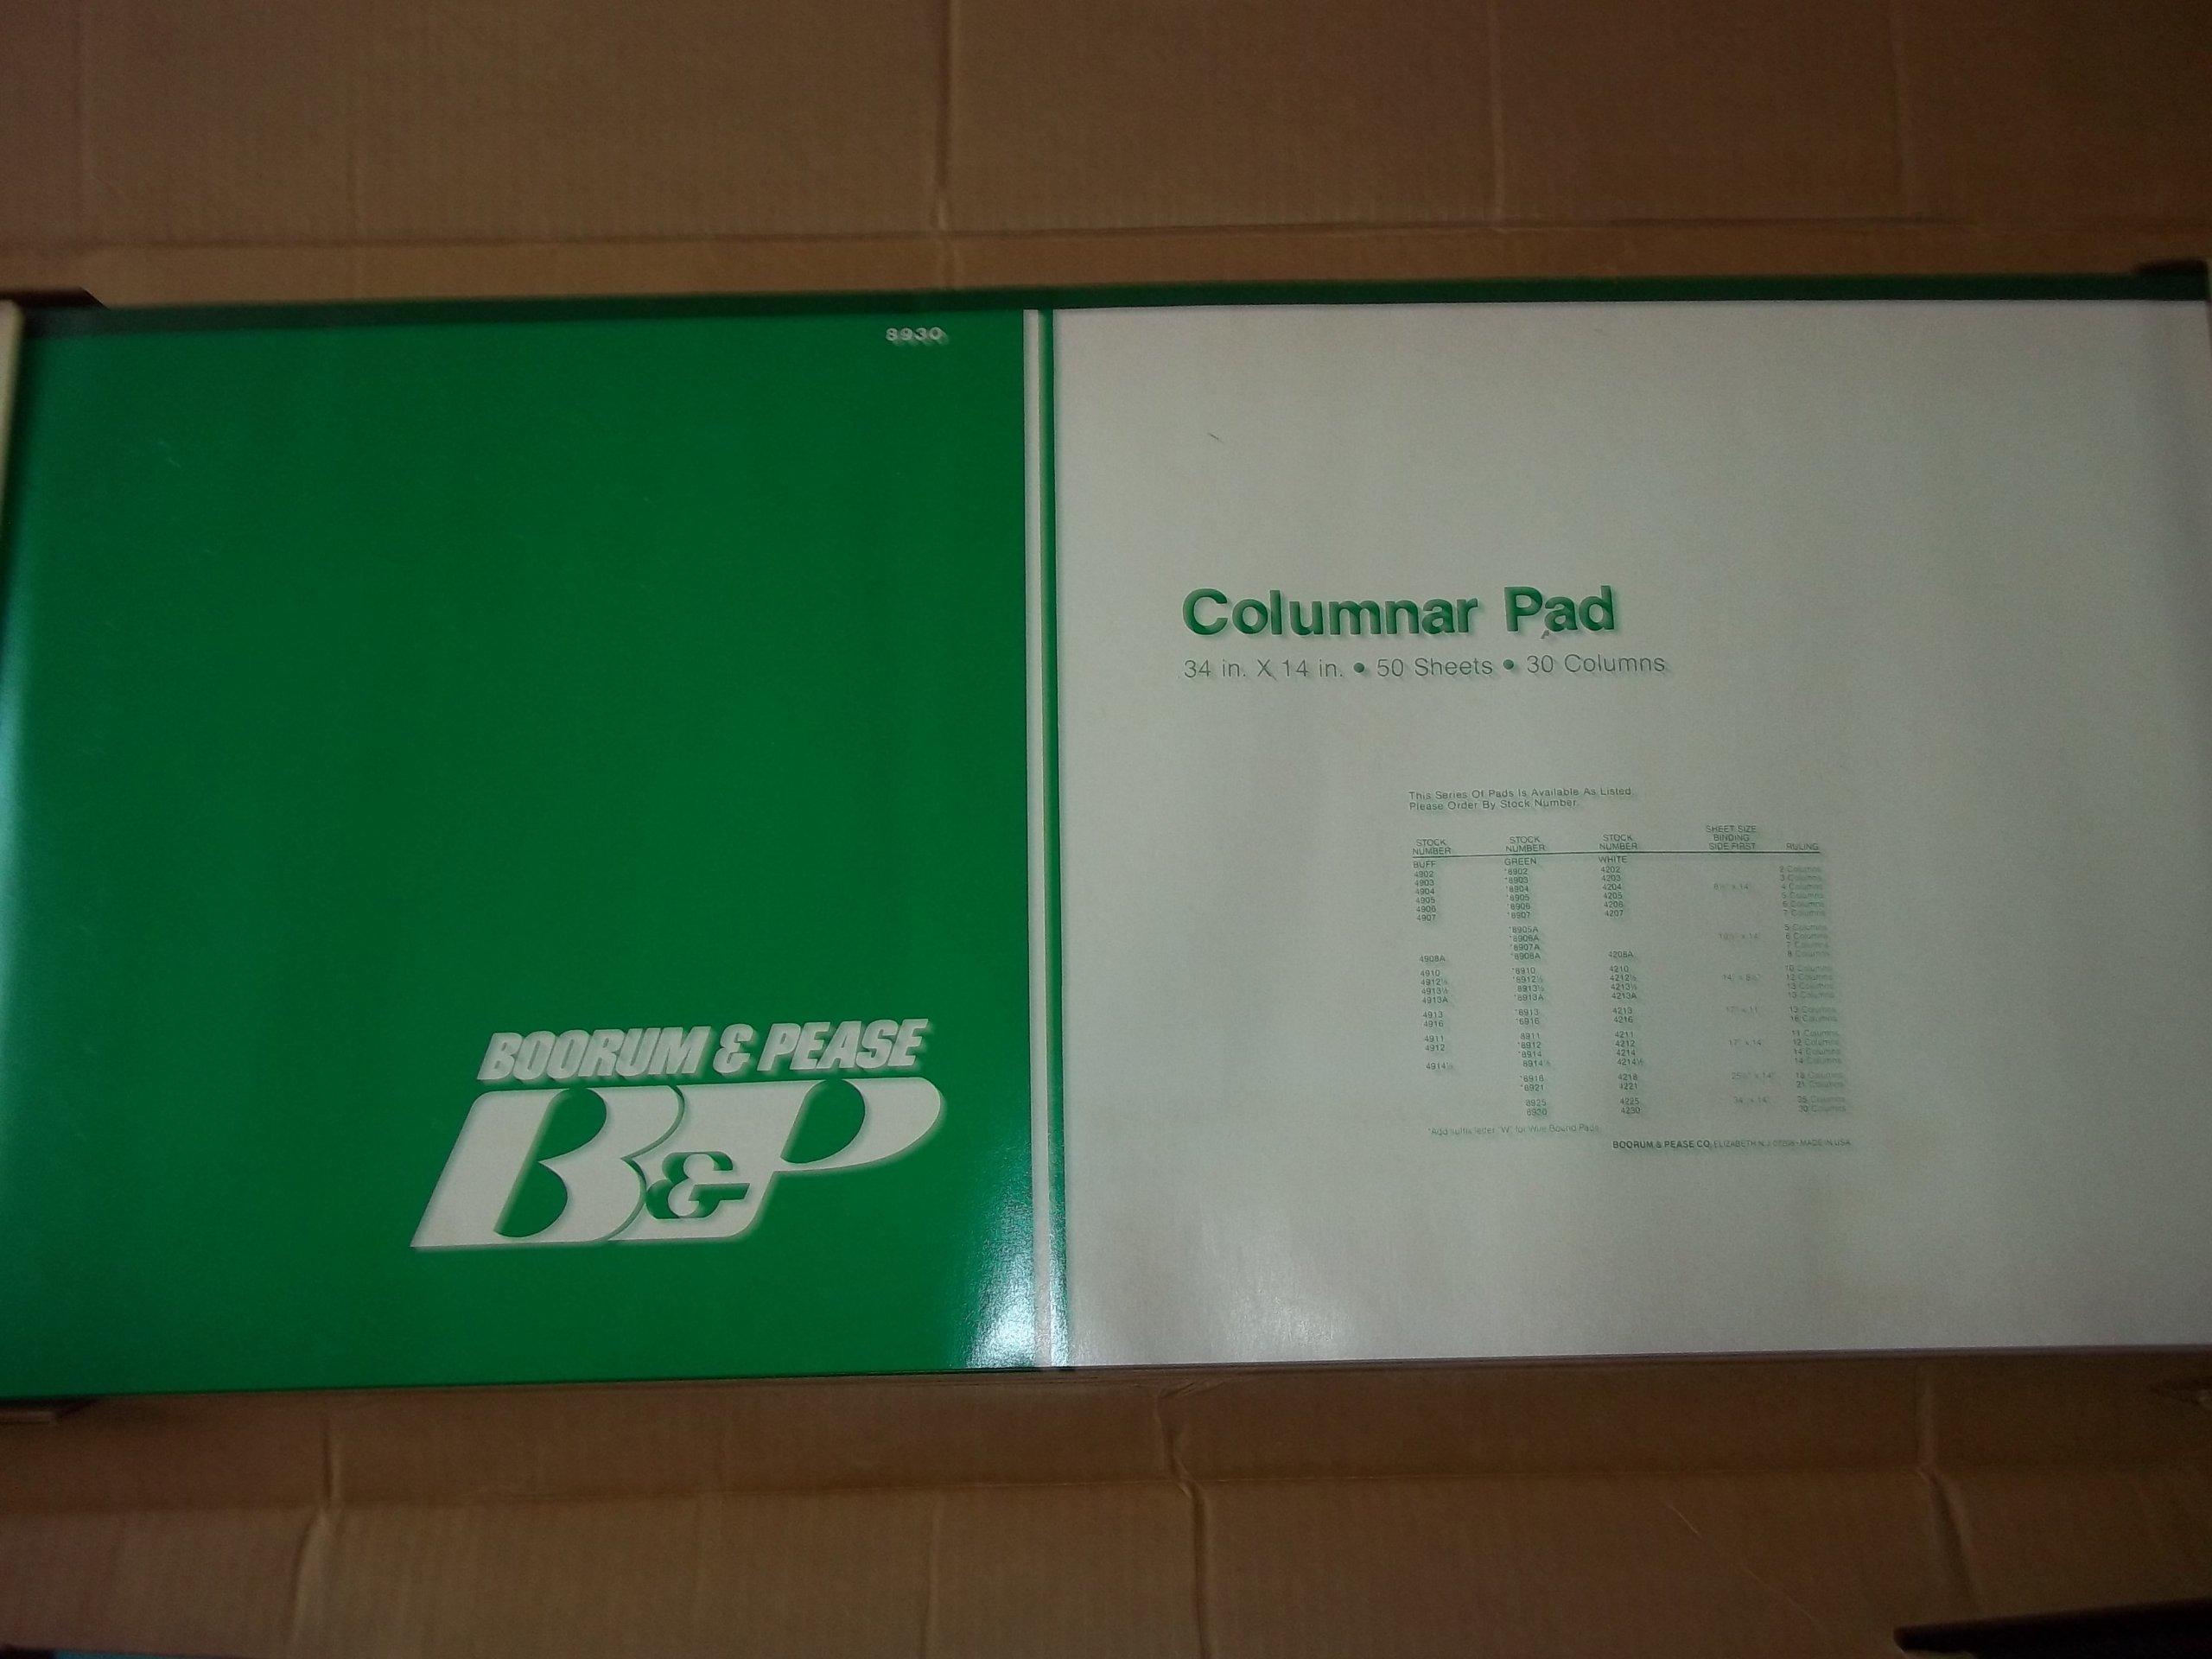 Boorum Pease 8930 Columnar Pad 30 Columns 50 Sheets Green Paper 34'' x 14''